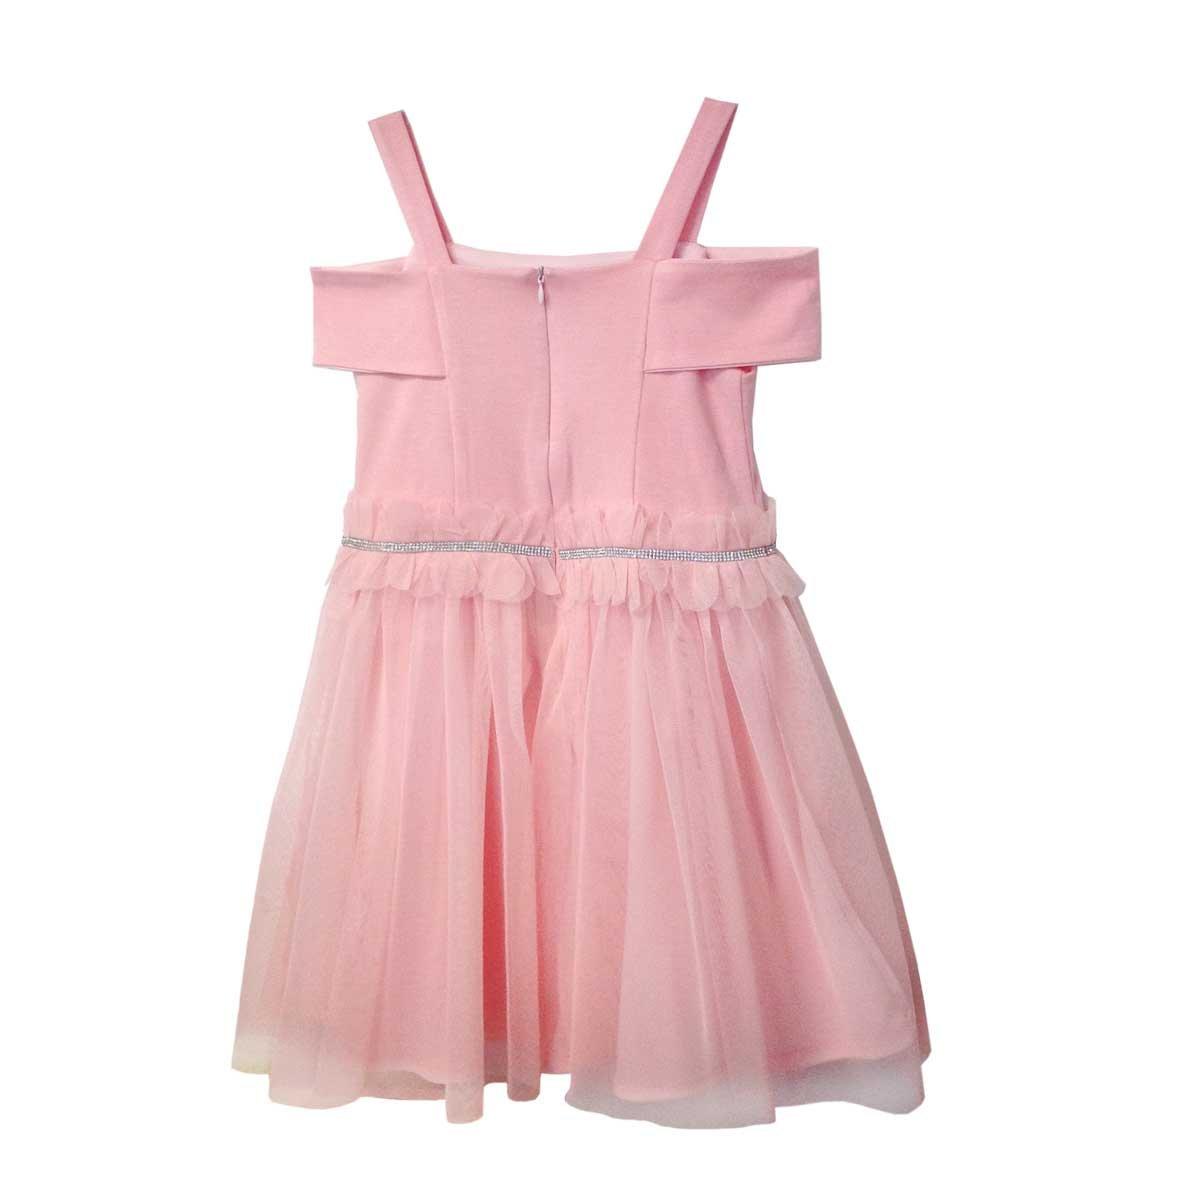 Vestido De Mesh Con Aplique Let\'s Go | SEARS.COM.MX - Me entiende!